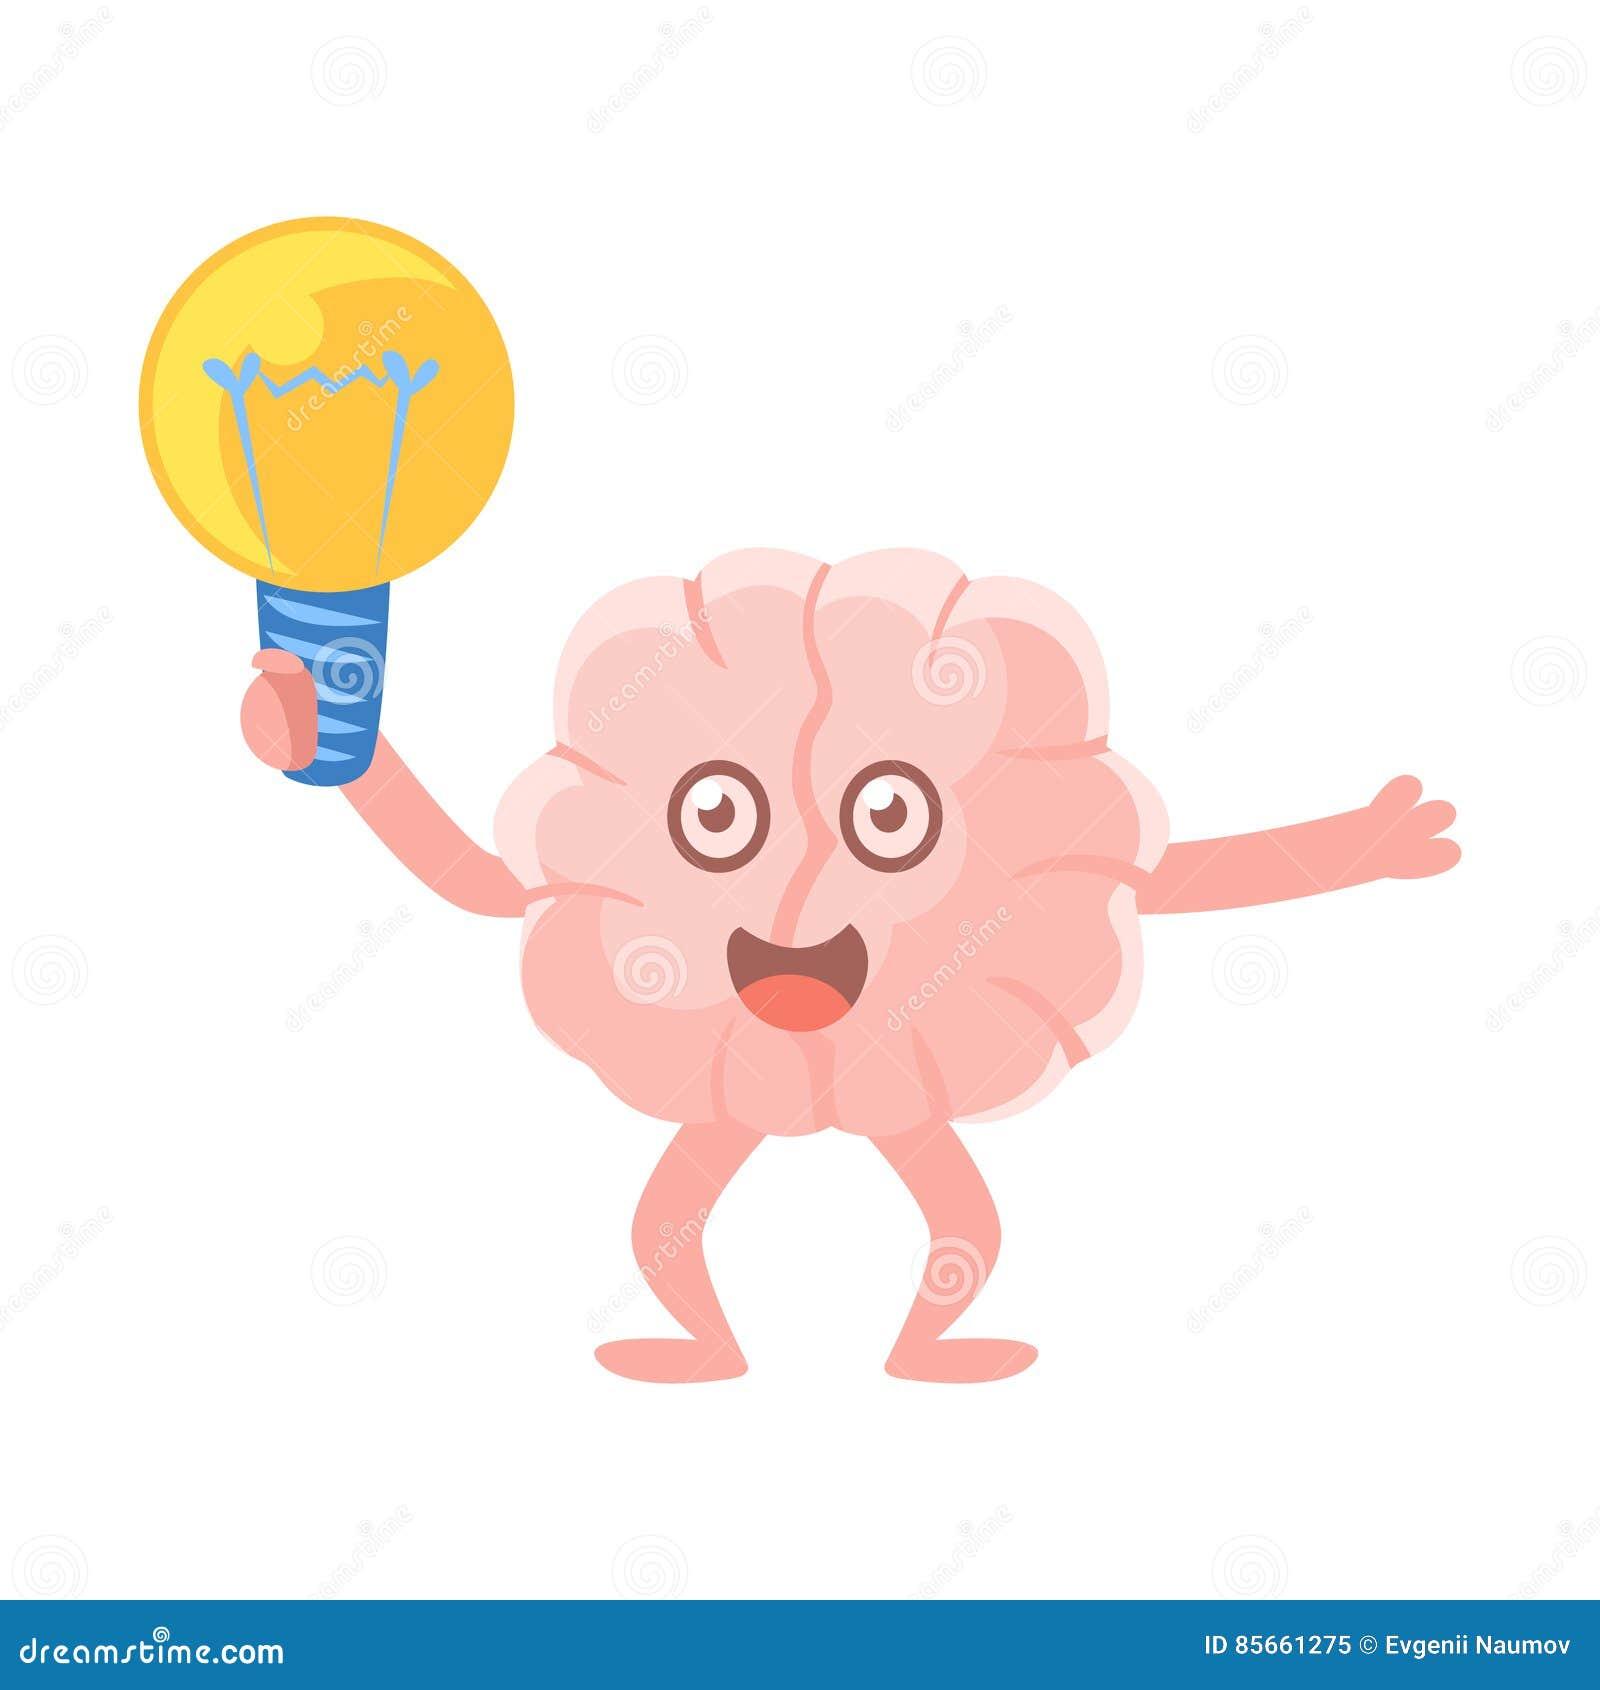 Brain Holding An Electric Bulb humanizado emocionado teniendo una idea, icono de Emoji del personaje de dibujos animados del órga